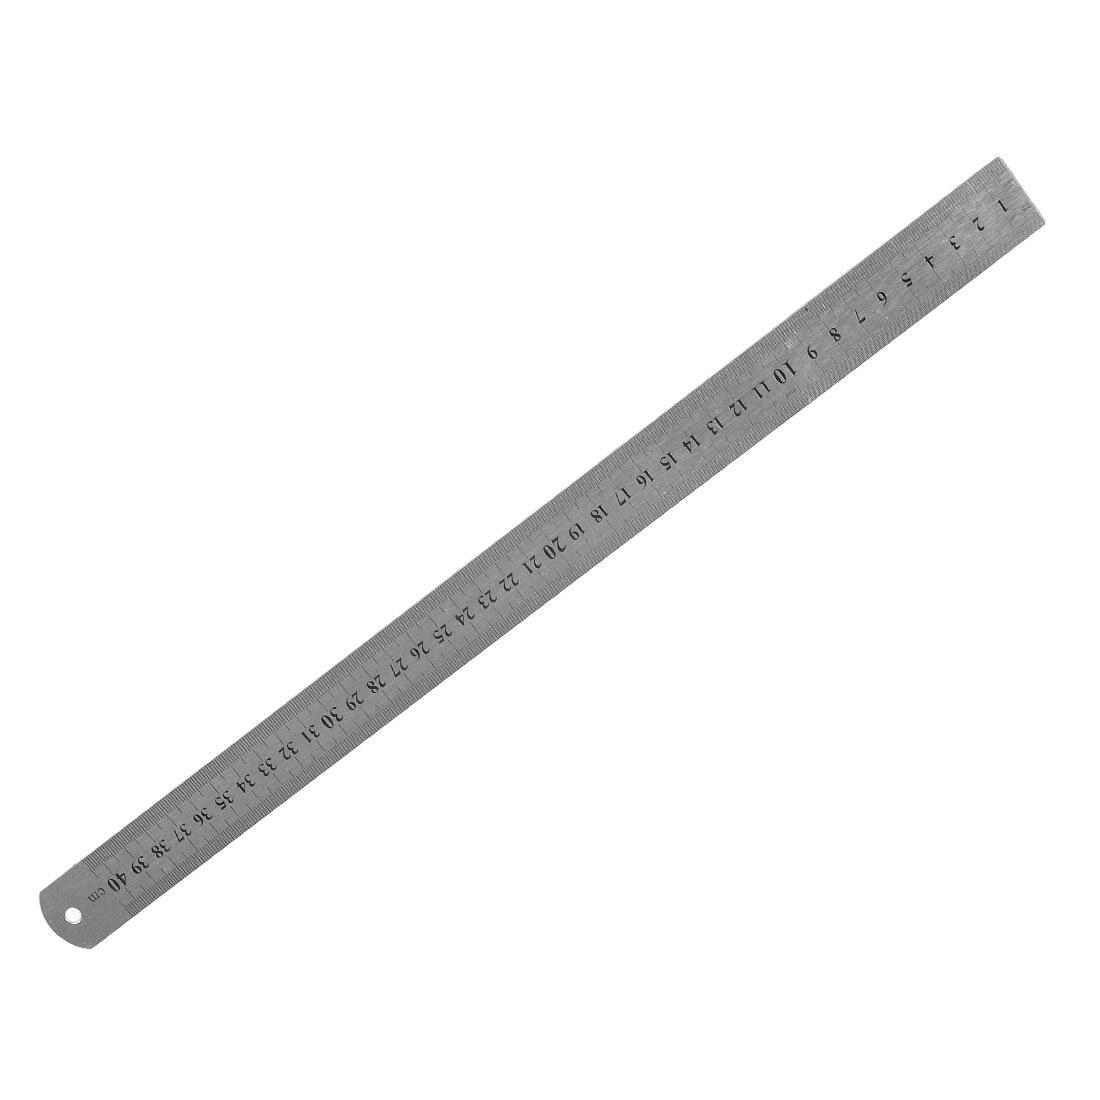 SOSW-Stainless Steel 16 Inch Straight Ruler Measuring Kit Metric 40cm